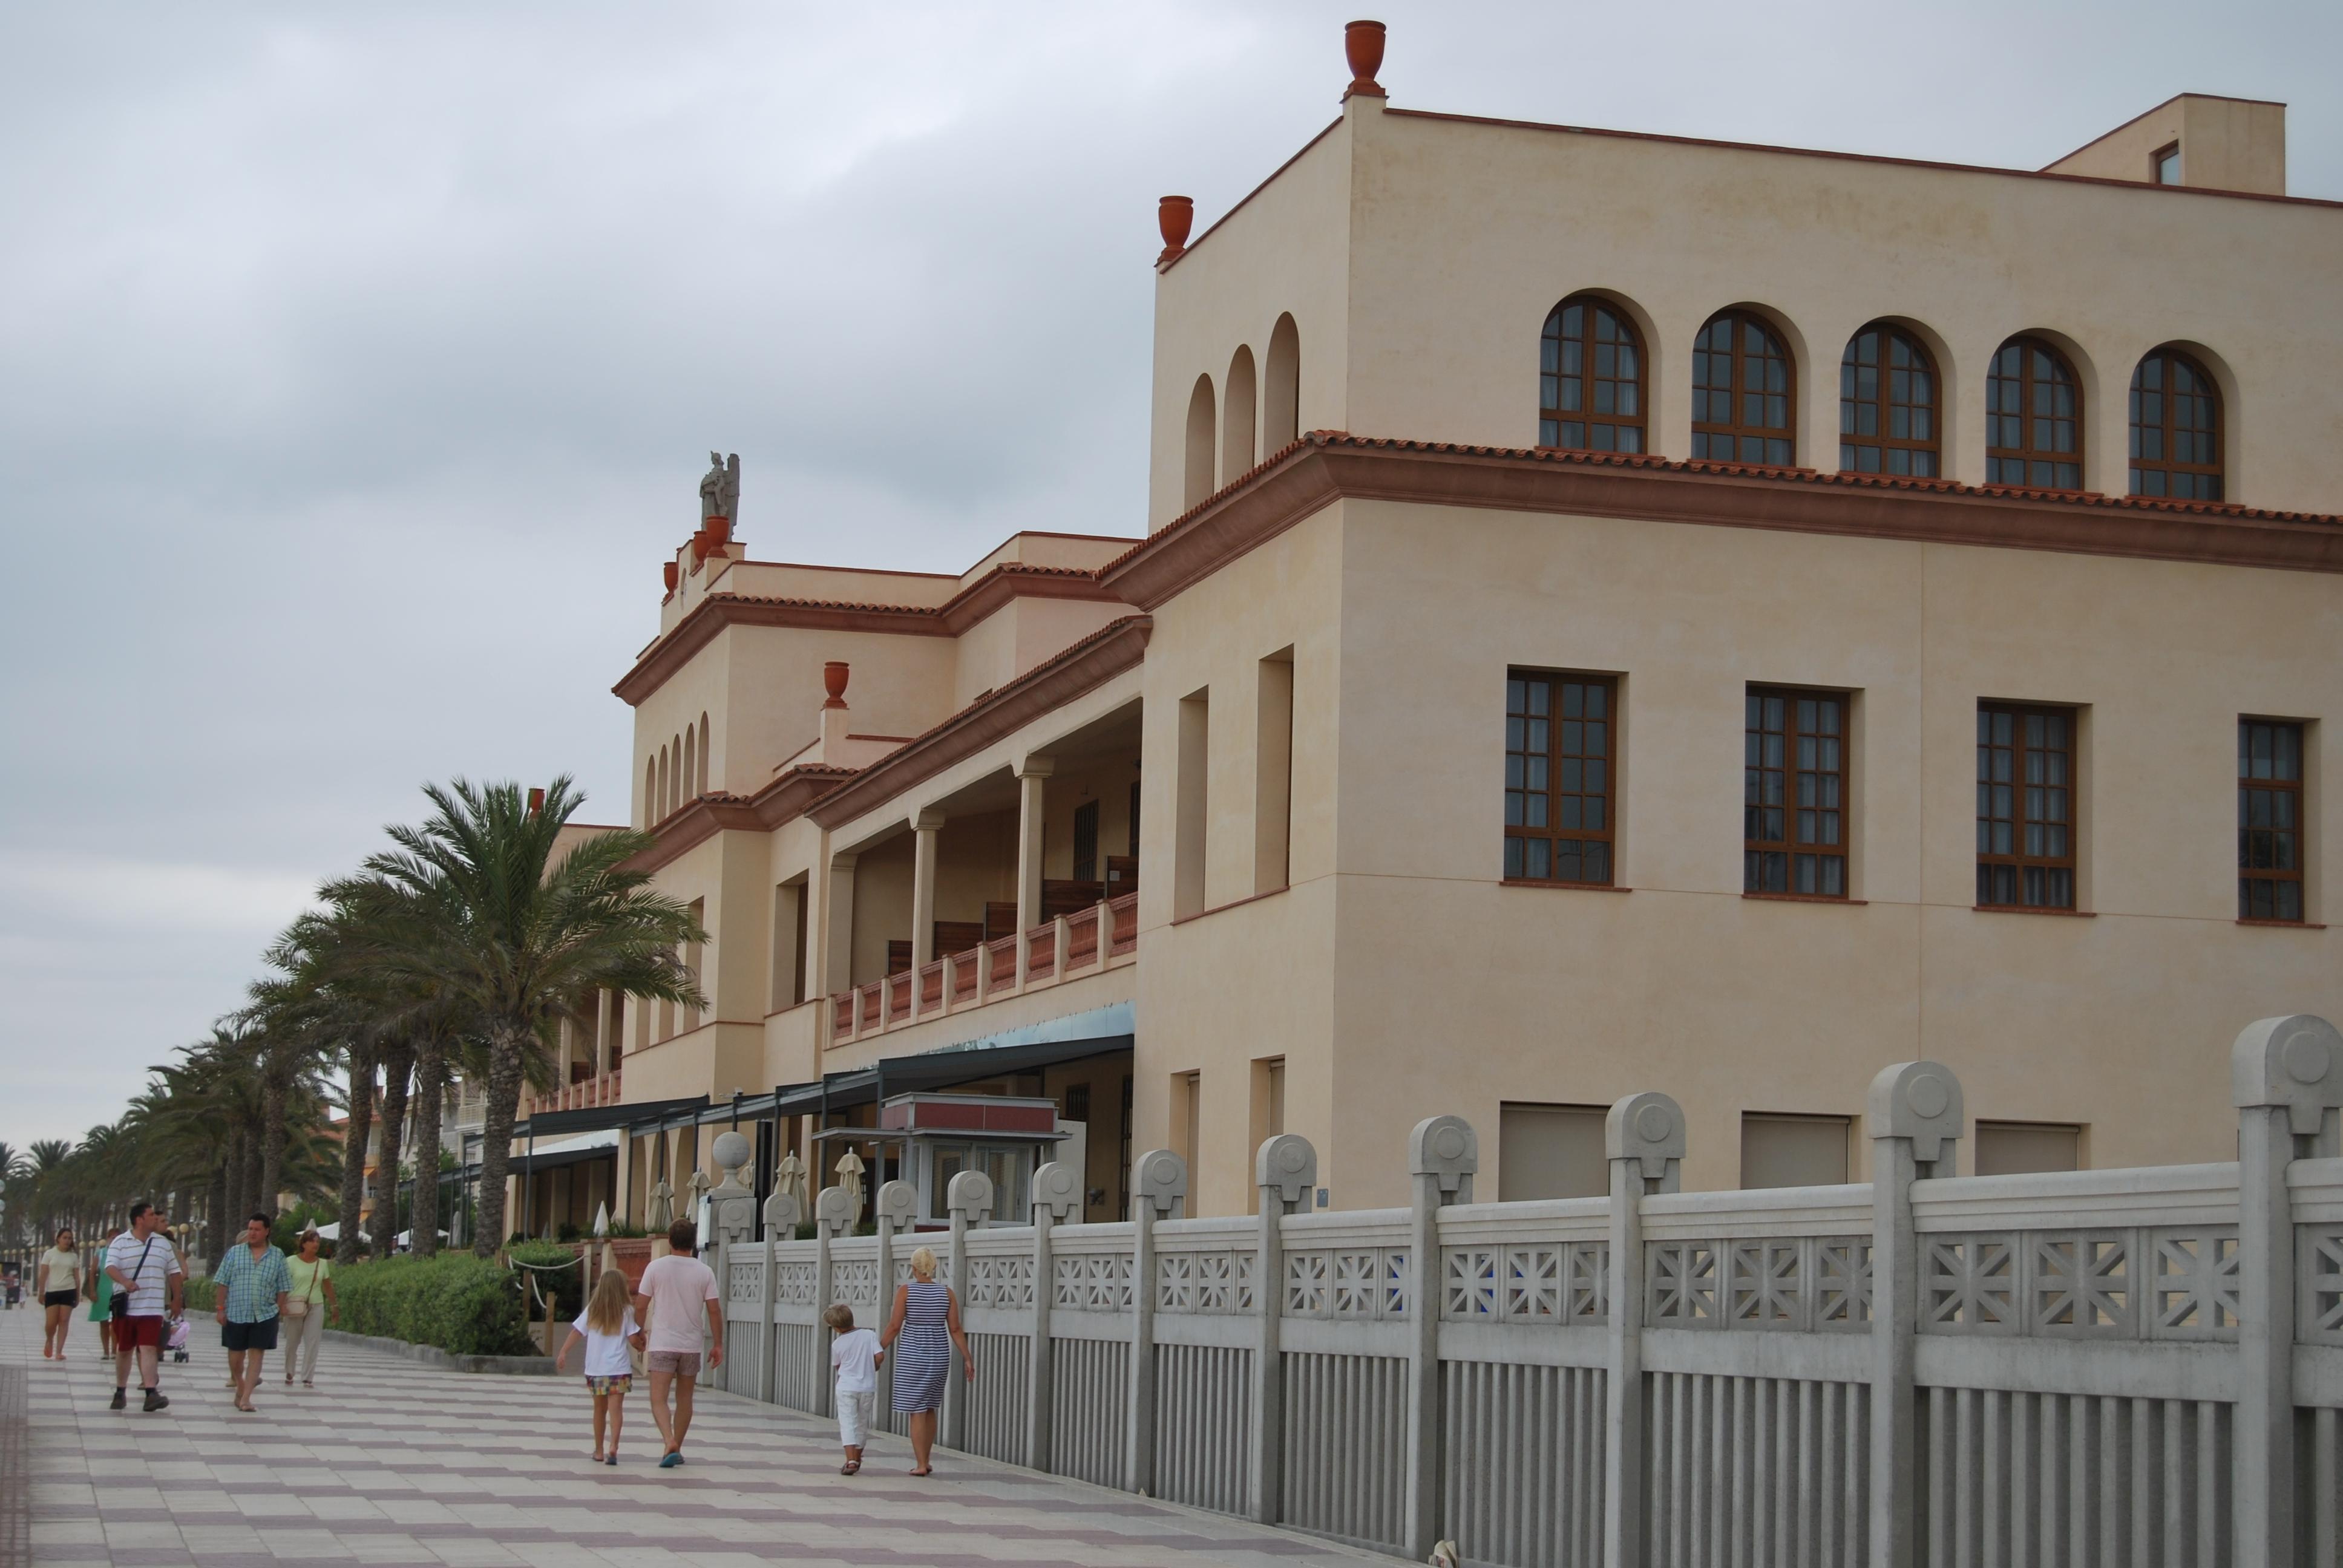 Foto playa Les Madrigueres. Sanatorio San Juan de Dios (antiguo)